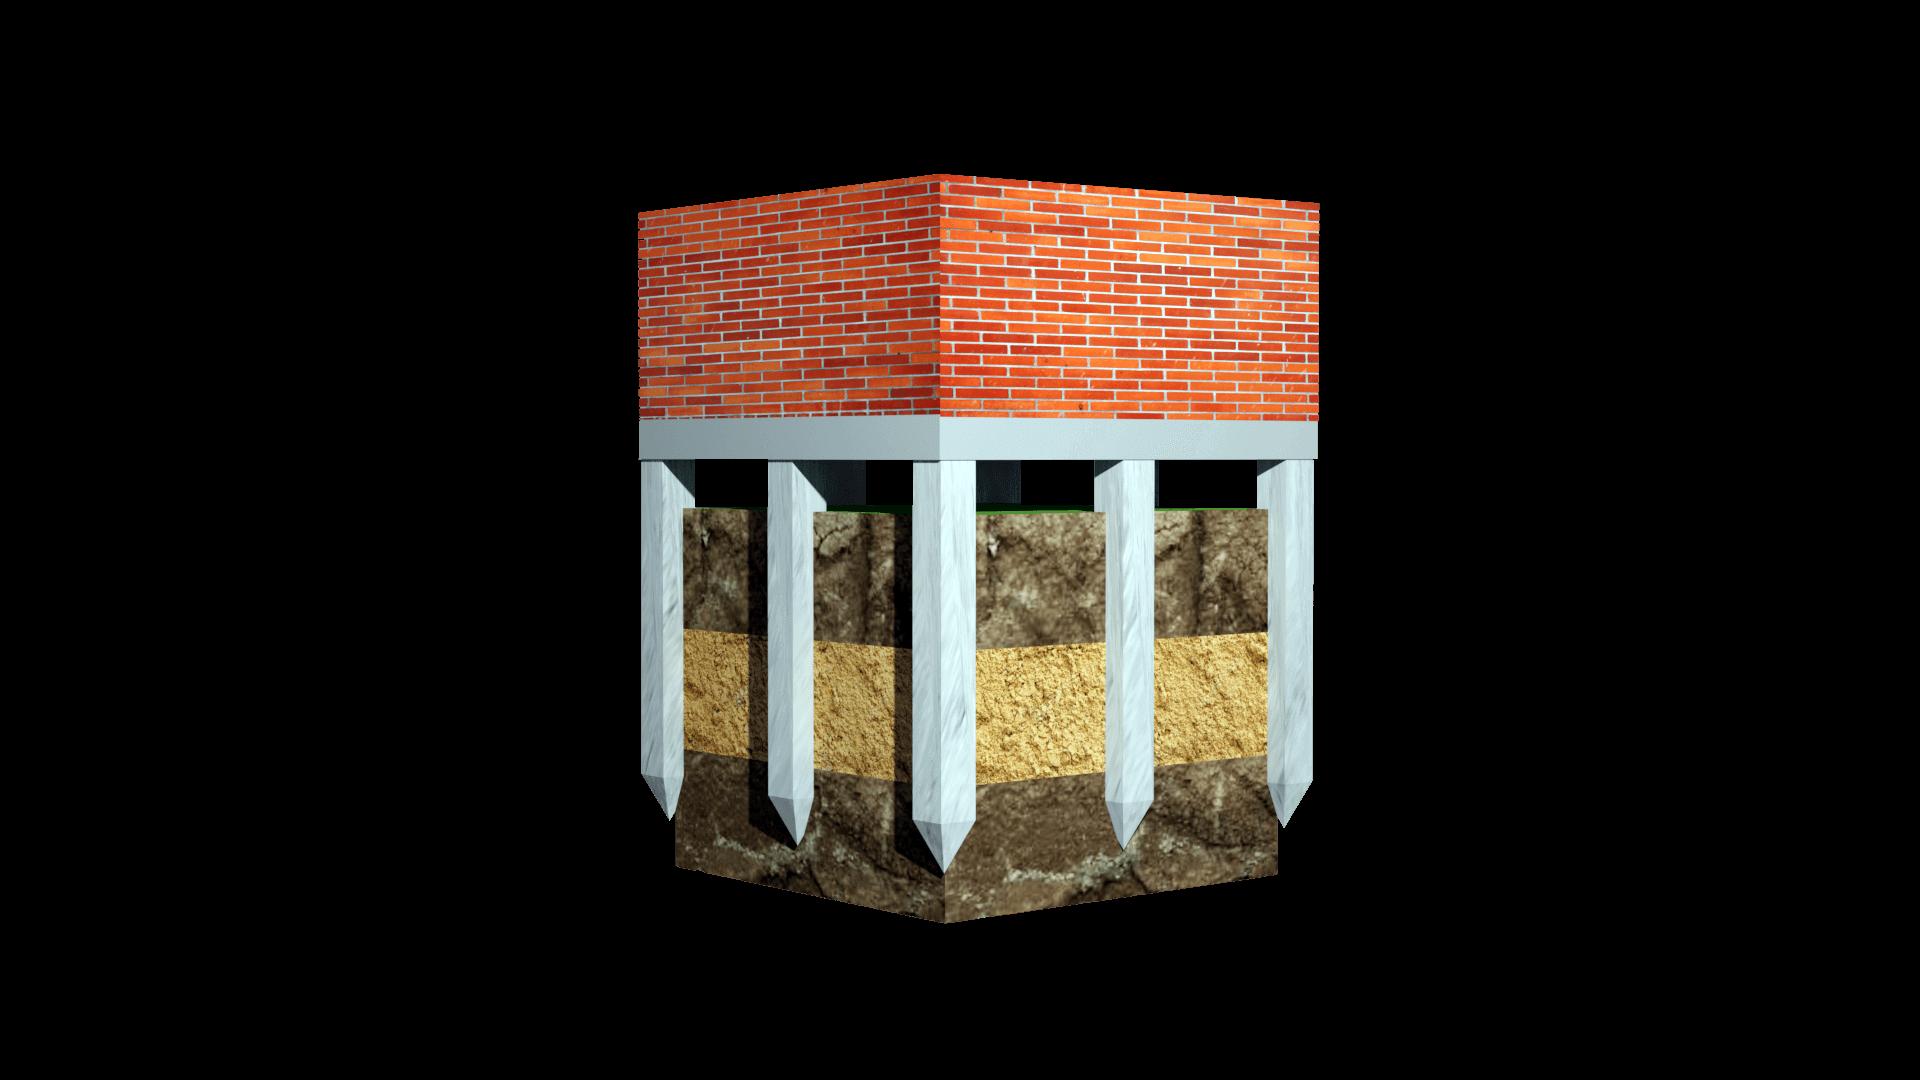 свайный фундамент для кирпичного дома фото